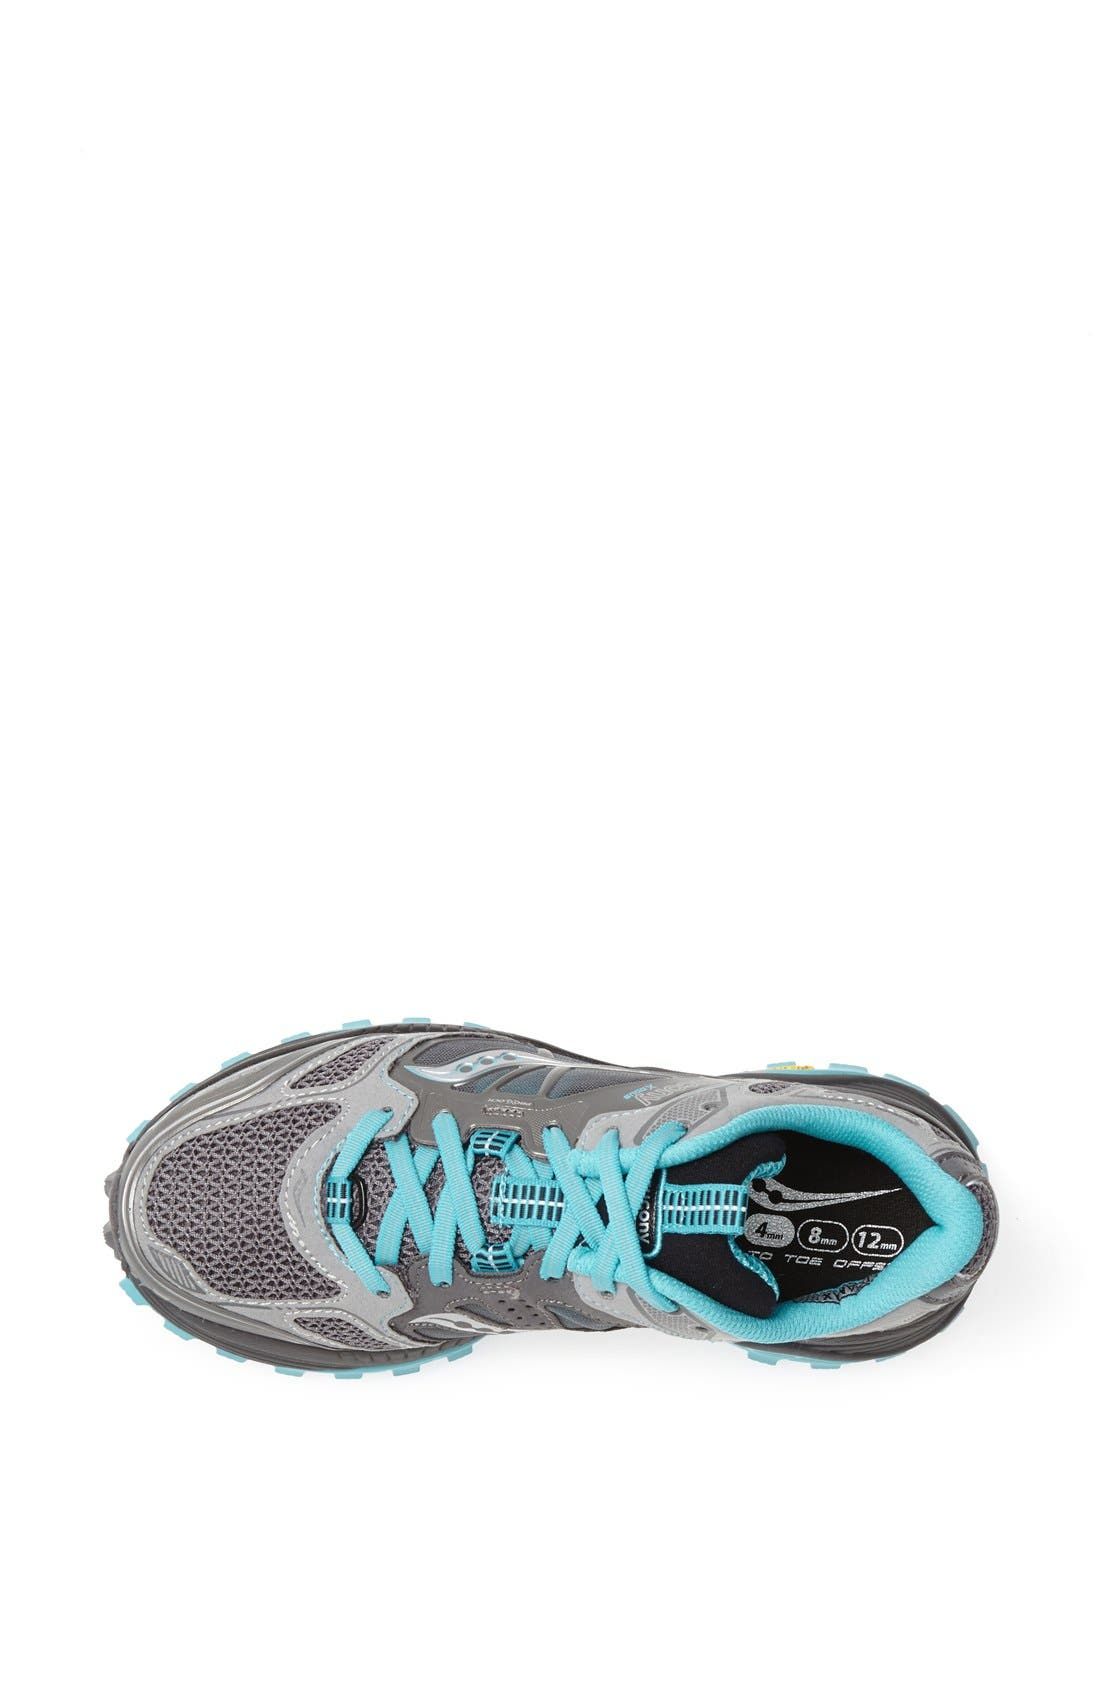 Alternate Image 3  - Saucony 'Xodus 4.0' Trail Running Shoe (Women)